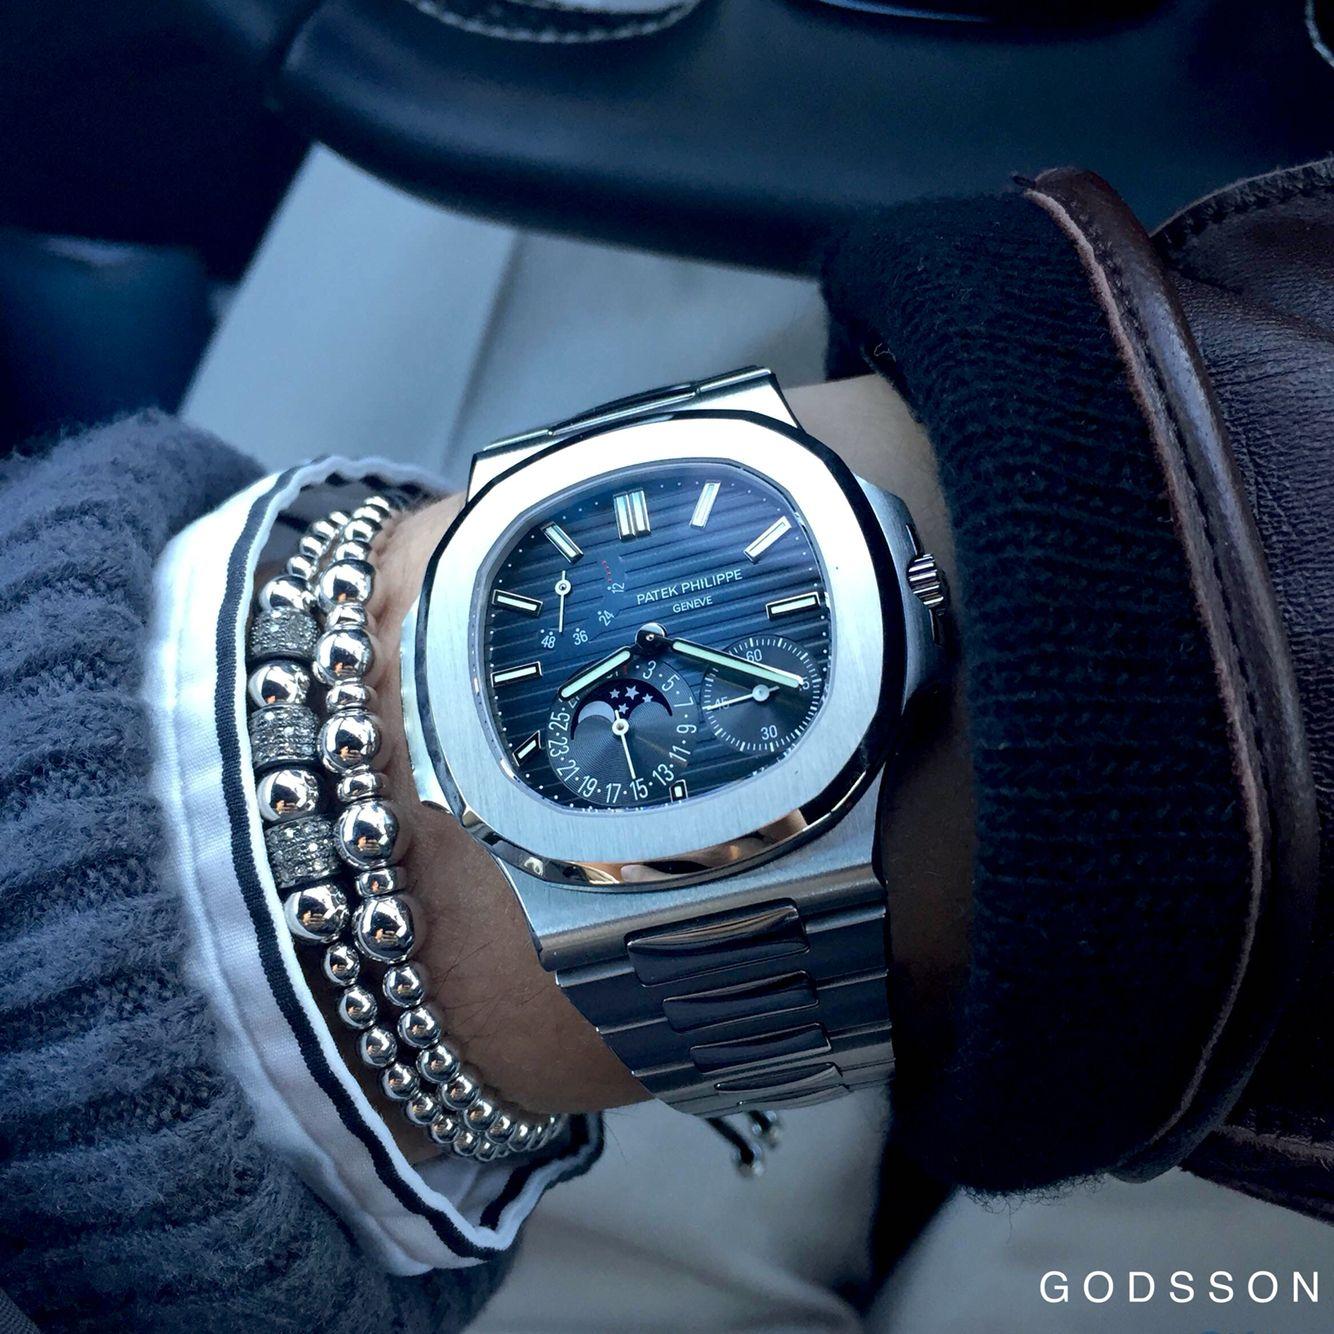 patek philippe uhren armband